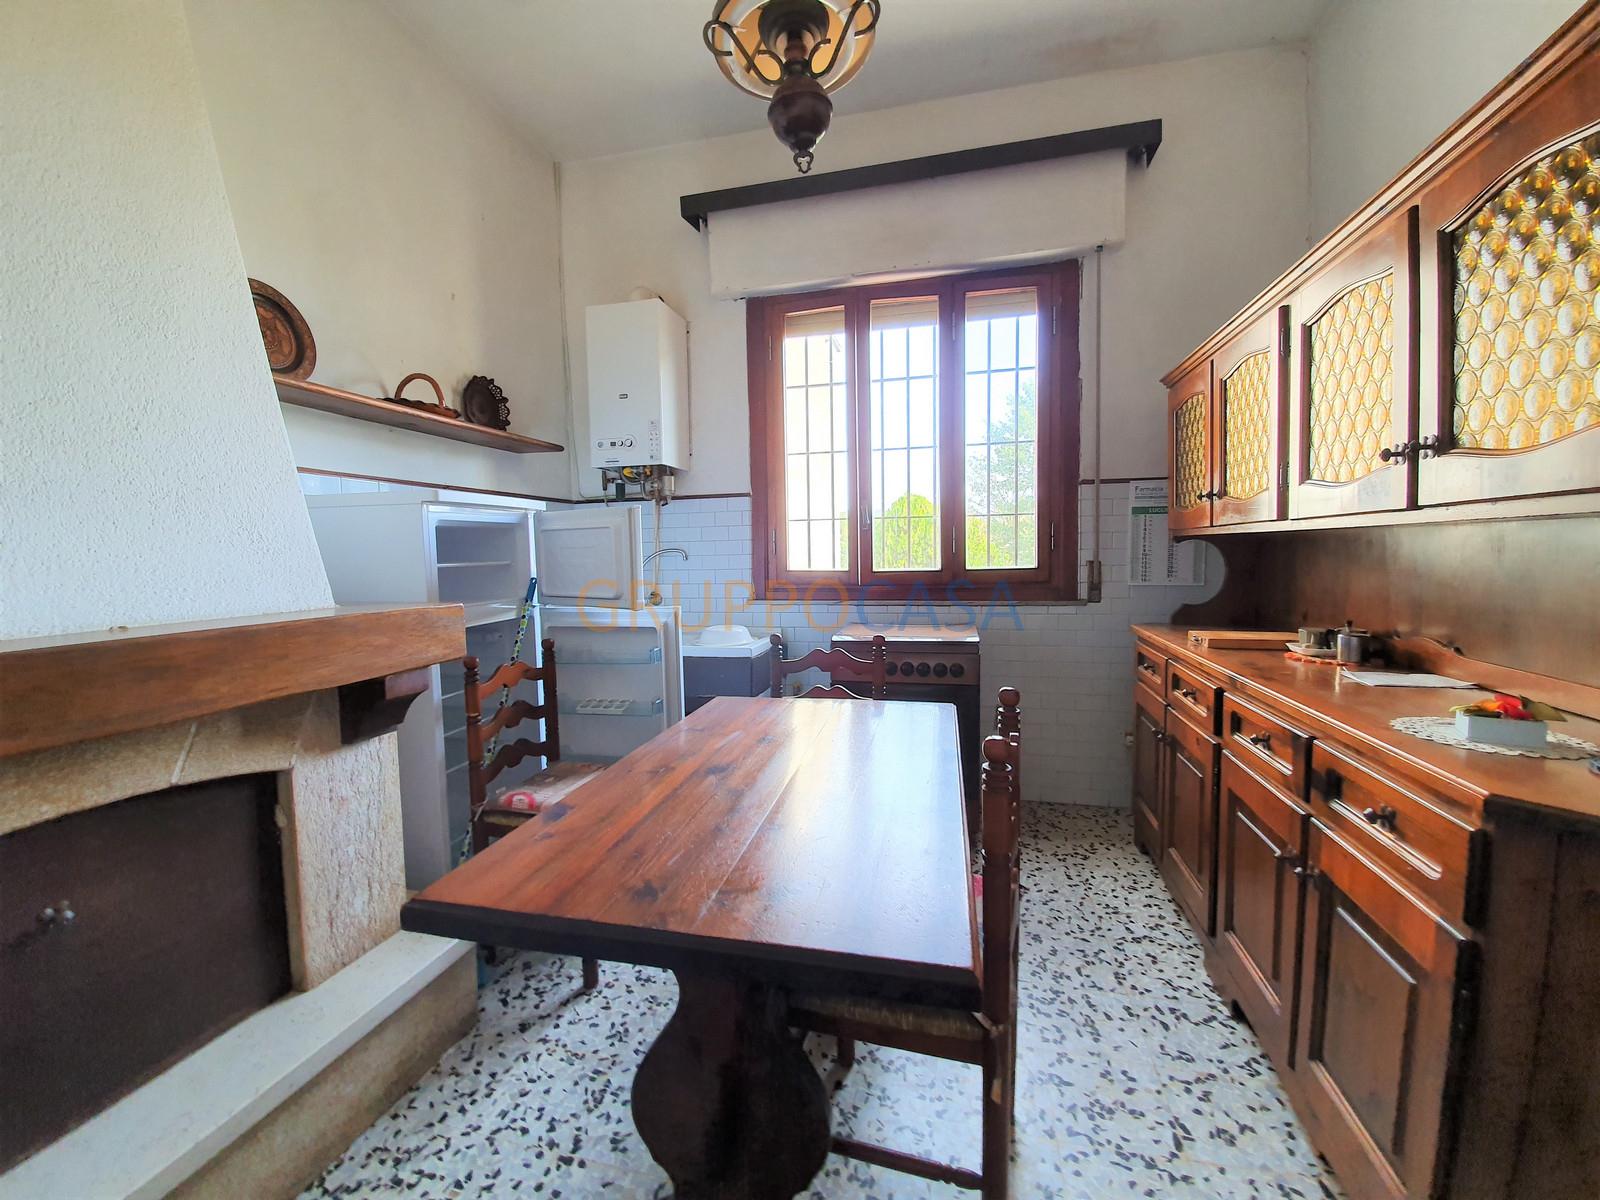 Appartamento in vendita a Fucecchio, 4 locali, zona Località: Galleno, prezzo € 60.000 | CambioCasa.it